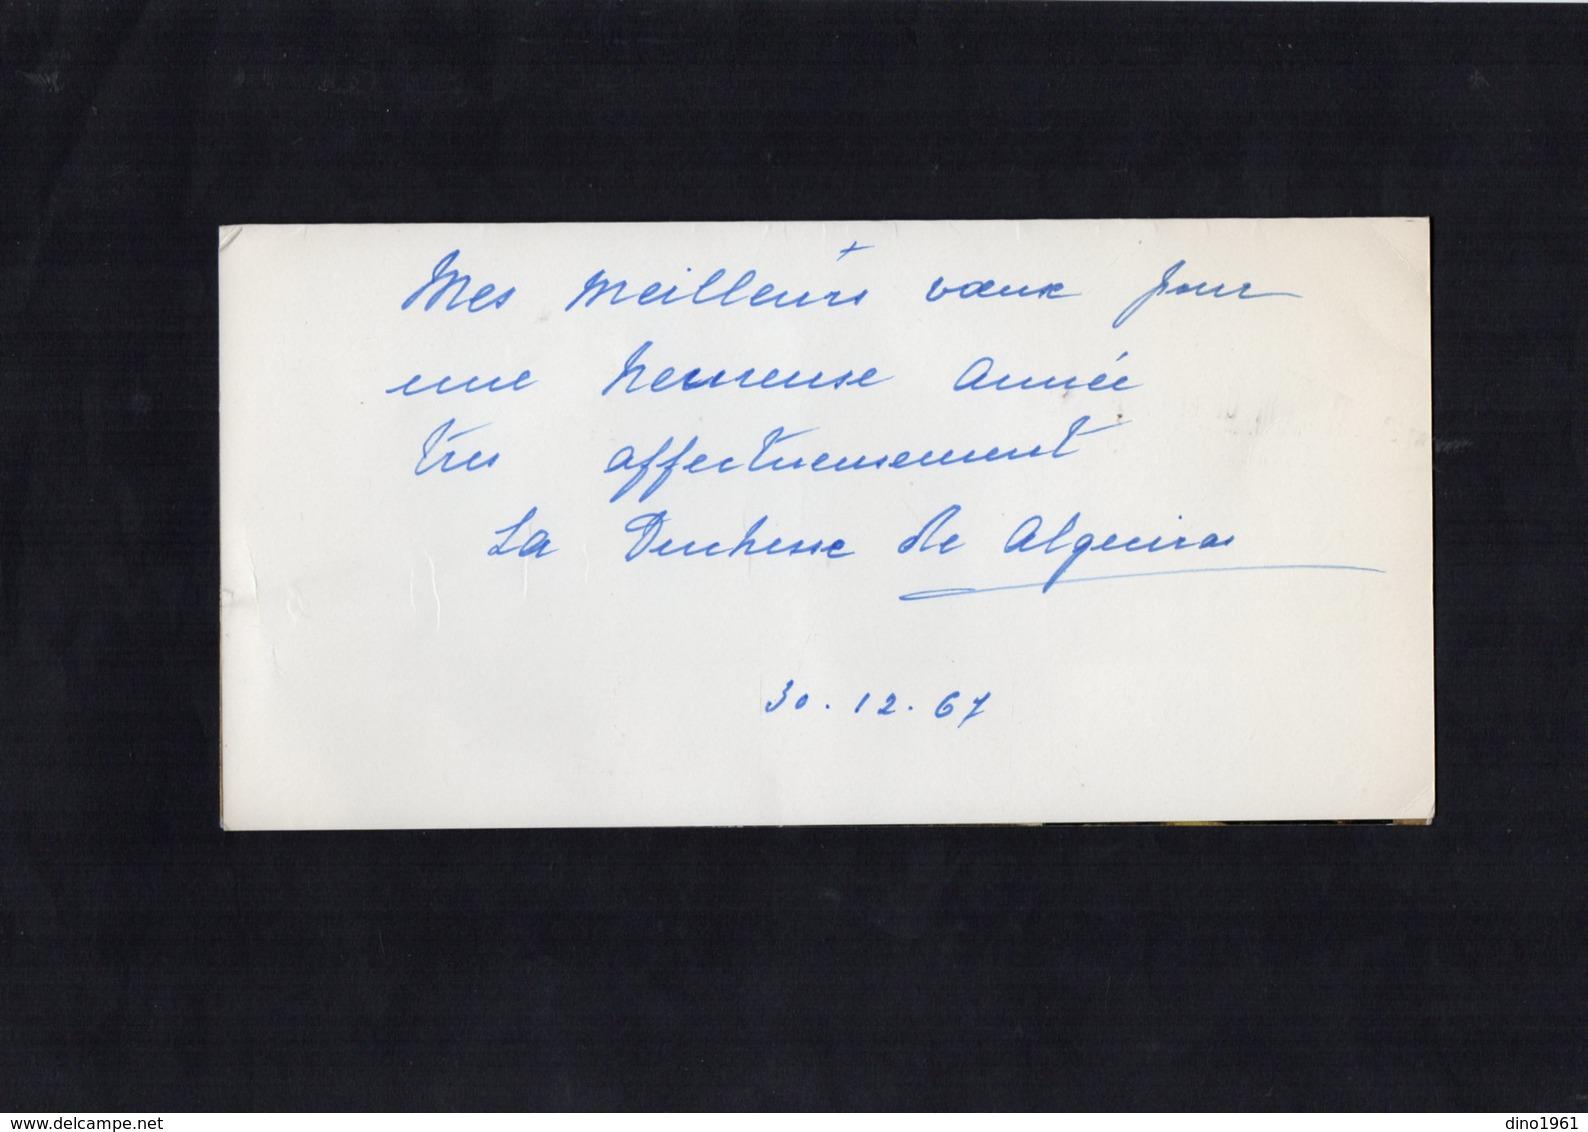 VP13.547 - MADRID 1967 - Noblesse - Autographe X 2 De Mme La Duchesse De ALGECIRAS - Autographes